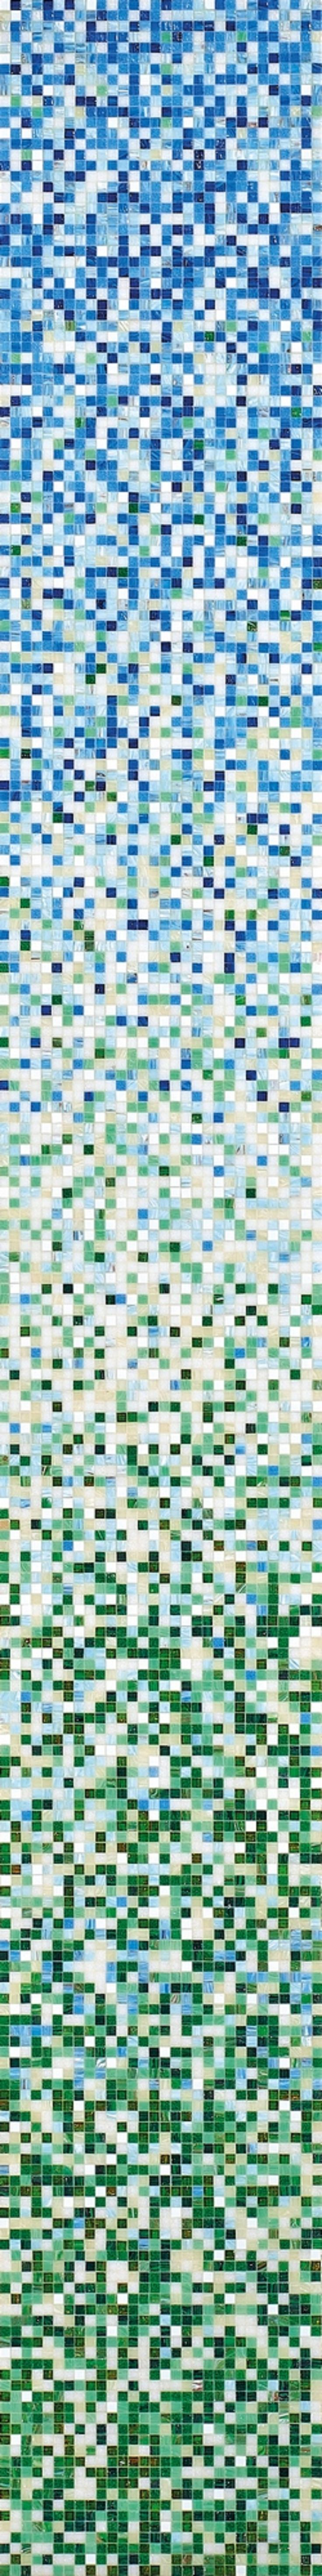 #Bisazza #Sfumature #Miscele 1x1 cm Edera | #Vetro | su #casaebagno.it a 247 Euro/collo | #mosaico #bagno #cucina